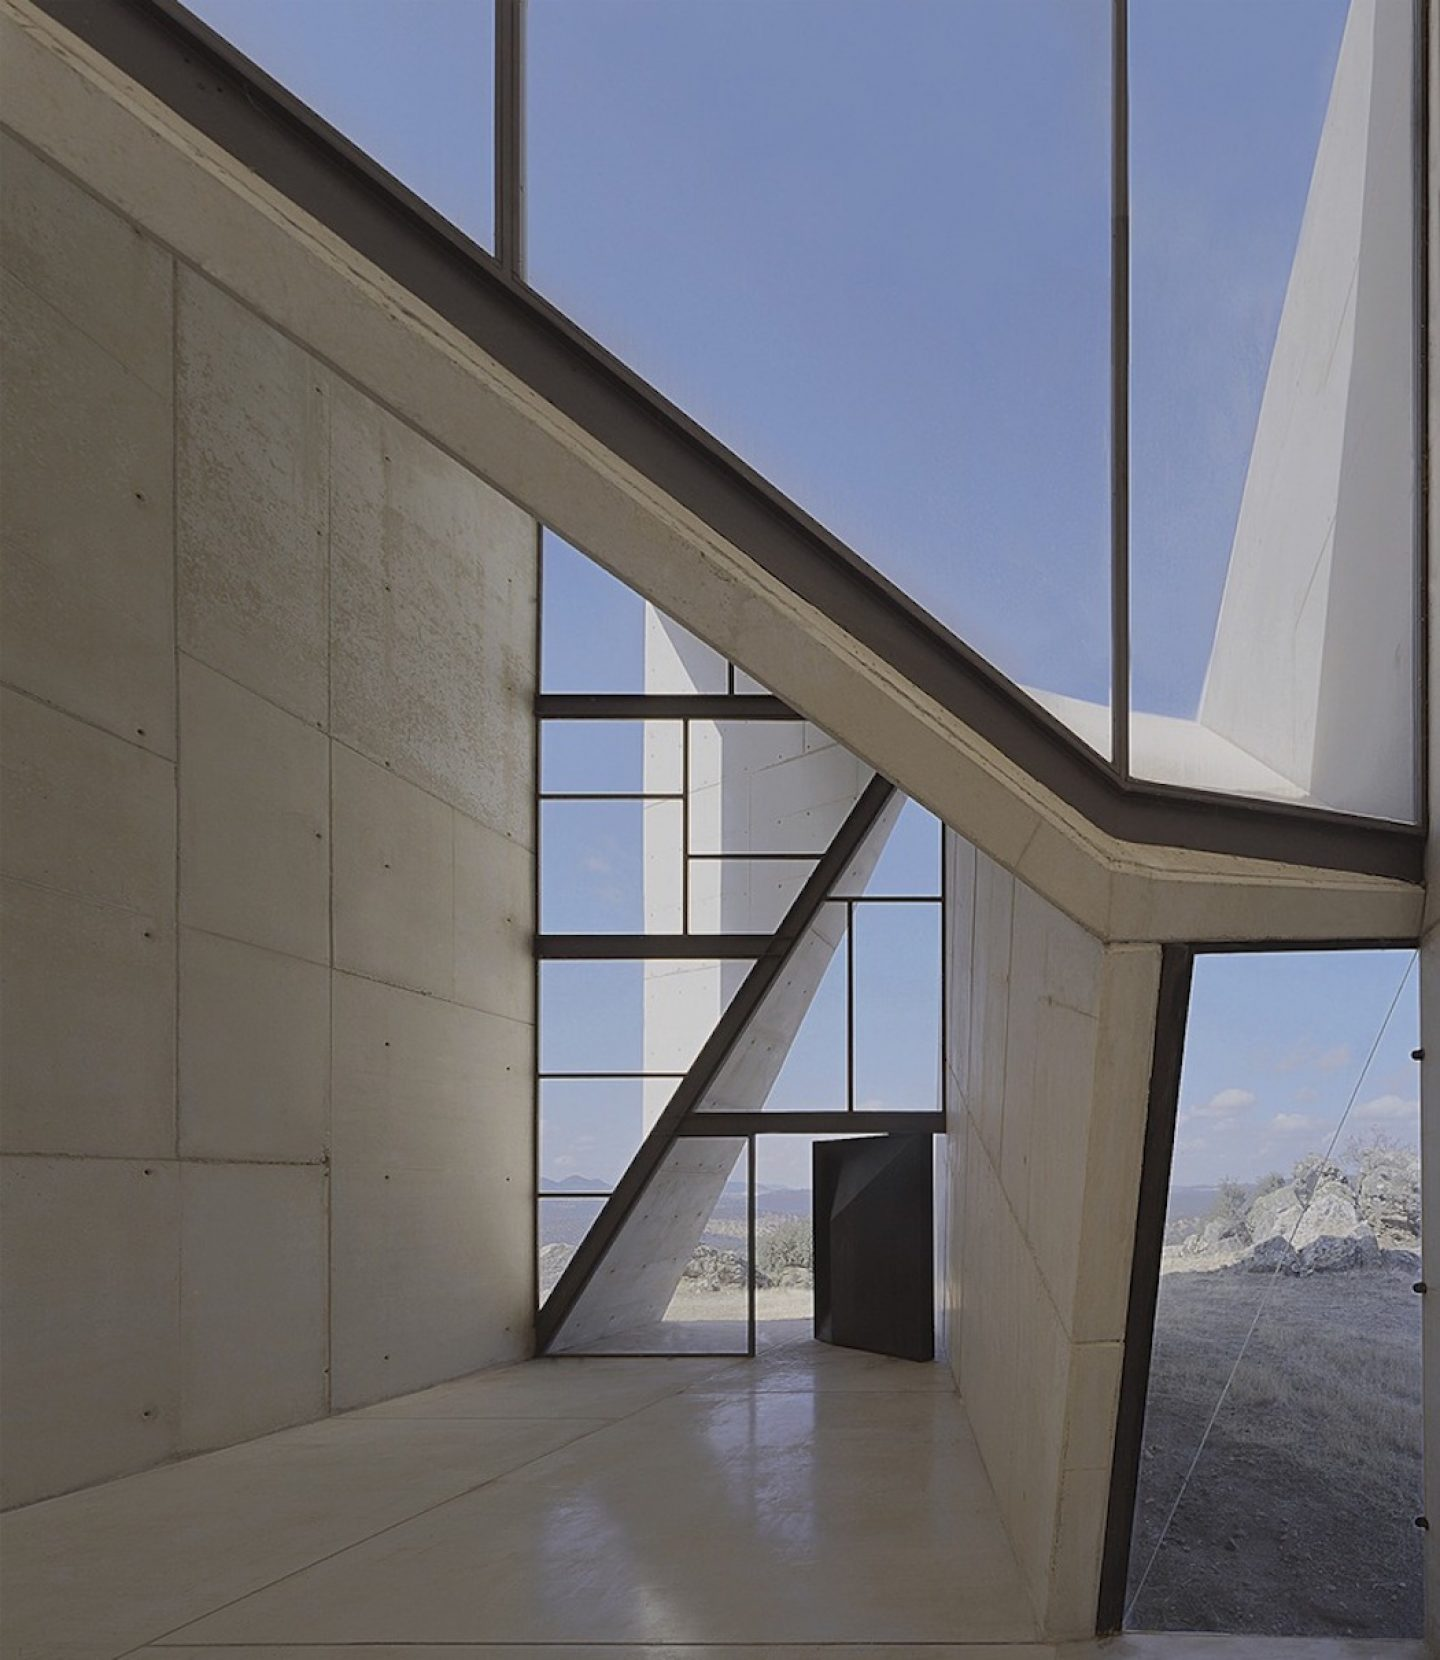 architecture_chapelvalleaceron_sanchomadrilejos_3